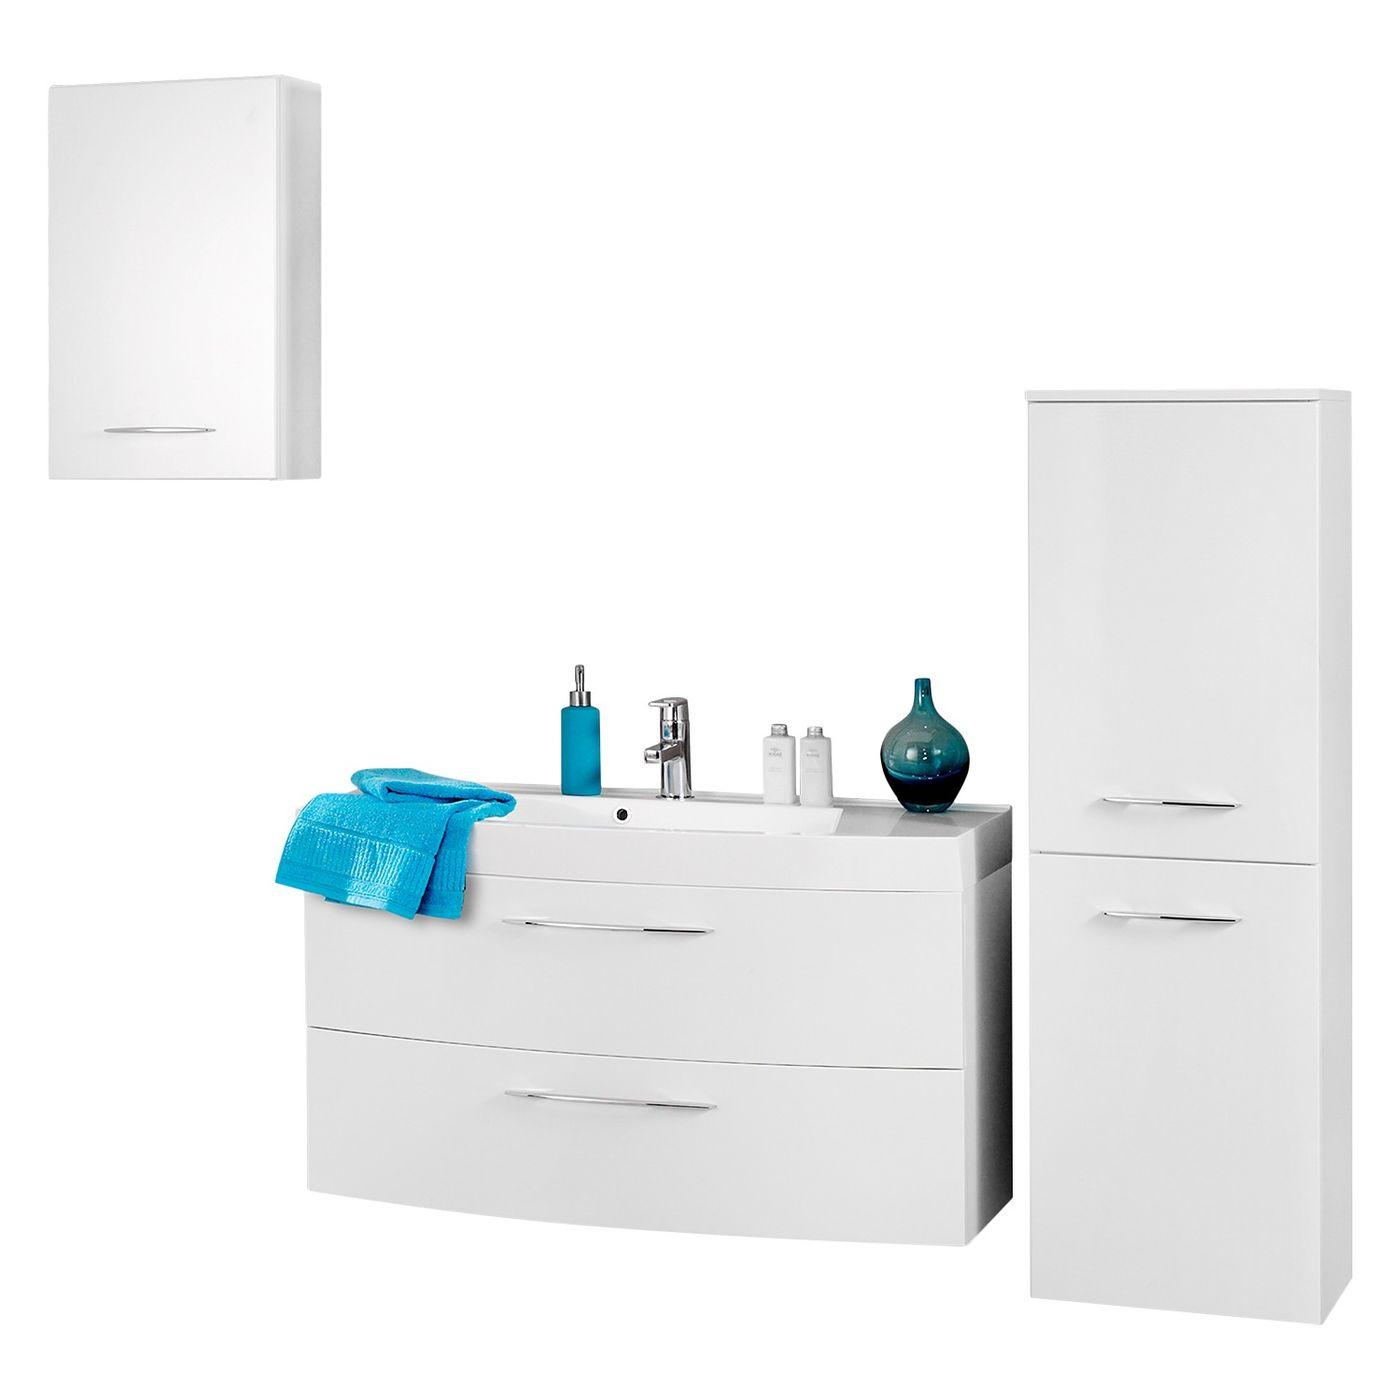 badezimmer ideen bilder f r die gestaltung. Black Bedroom Furniture Sets. Home Design Ideas